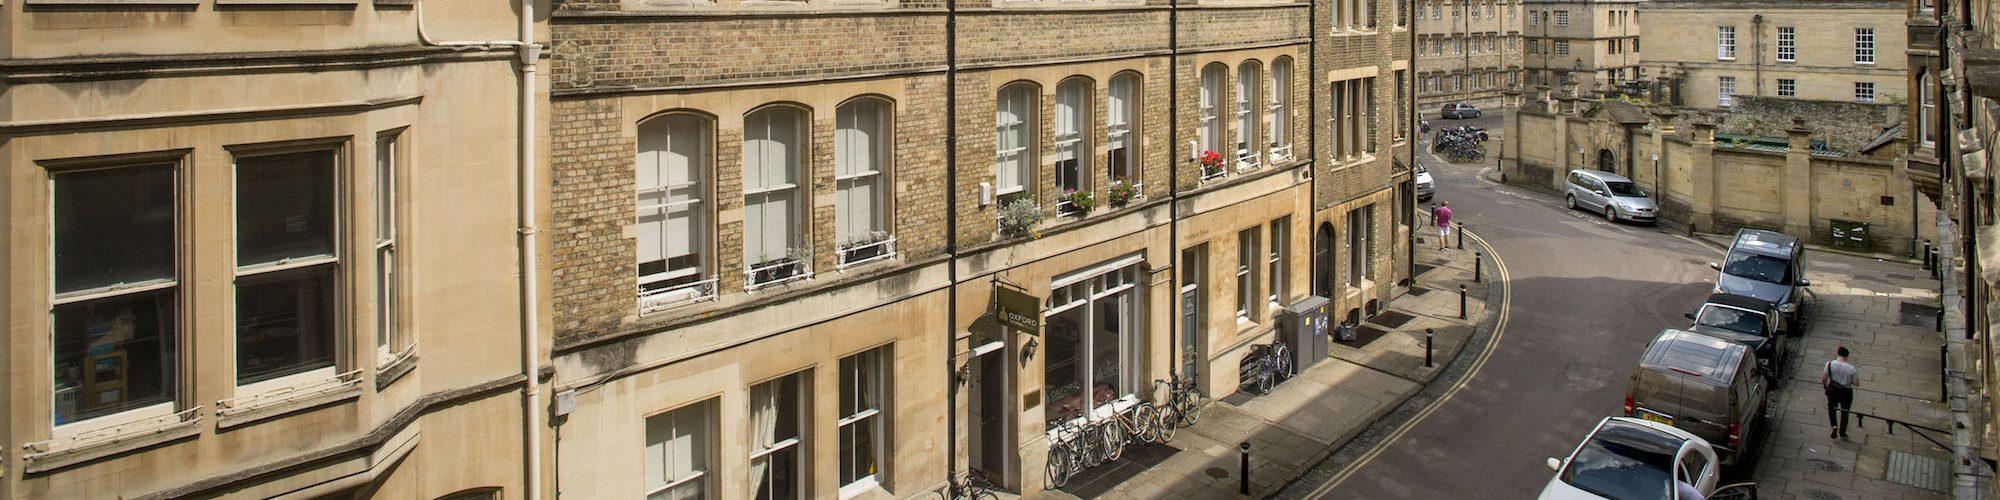 Oxford-Tutorial-College-Exterior